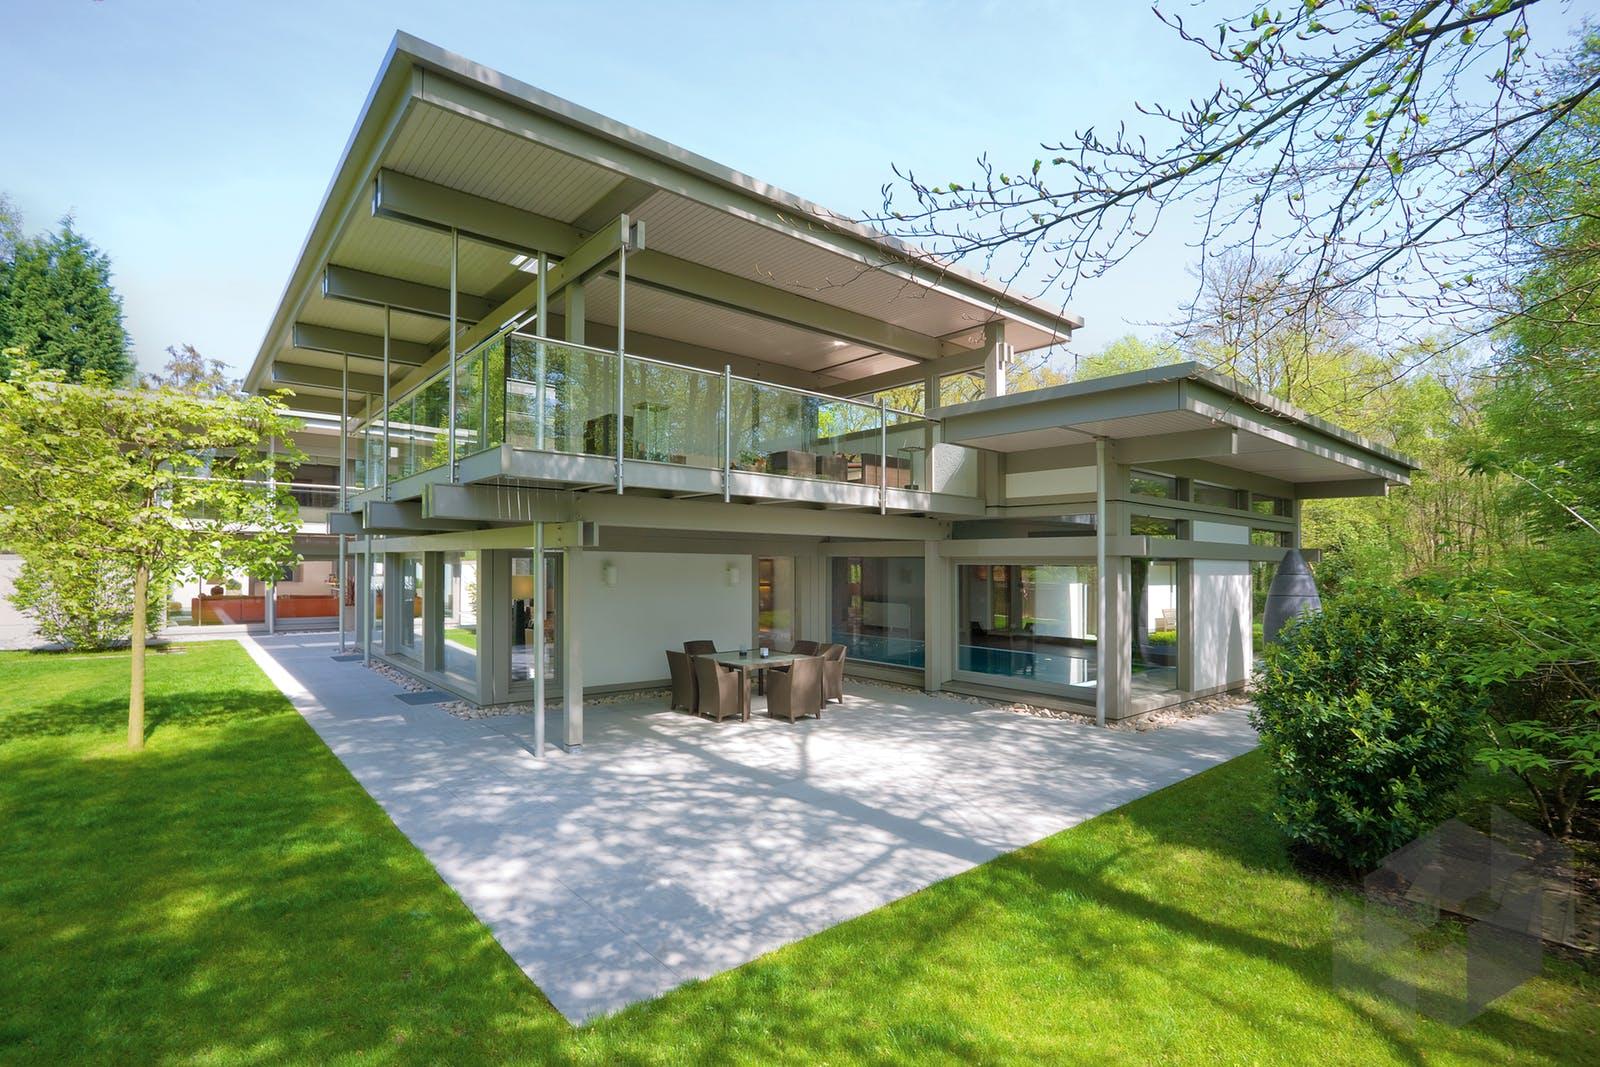 Huf haus mit flachdach von huf haus komplette for Haus modern flachdach